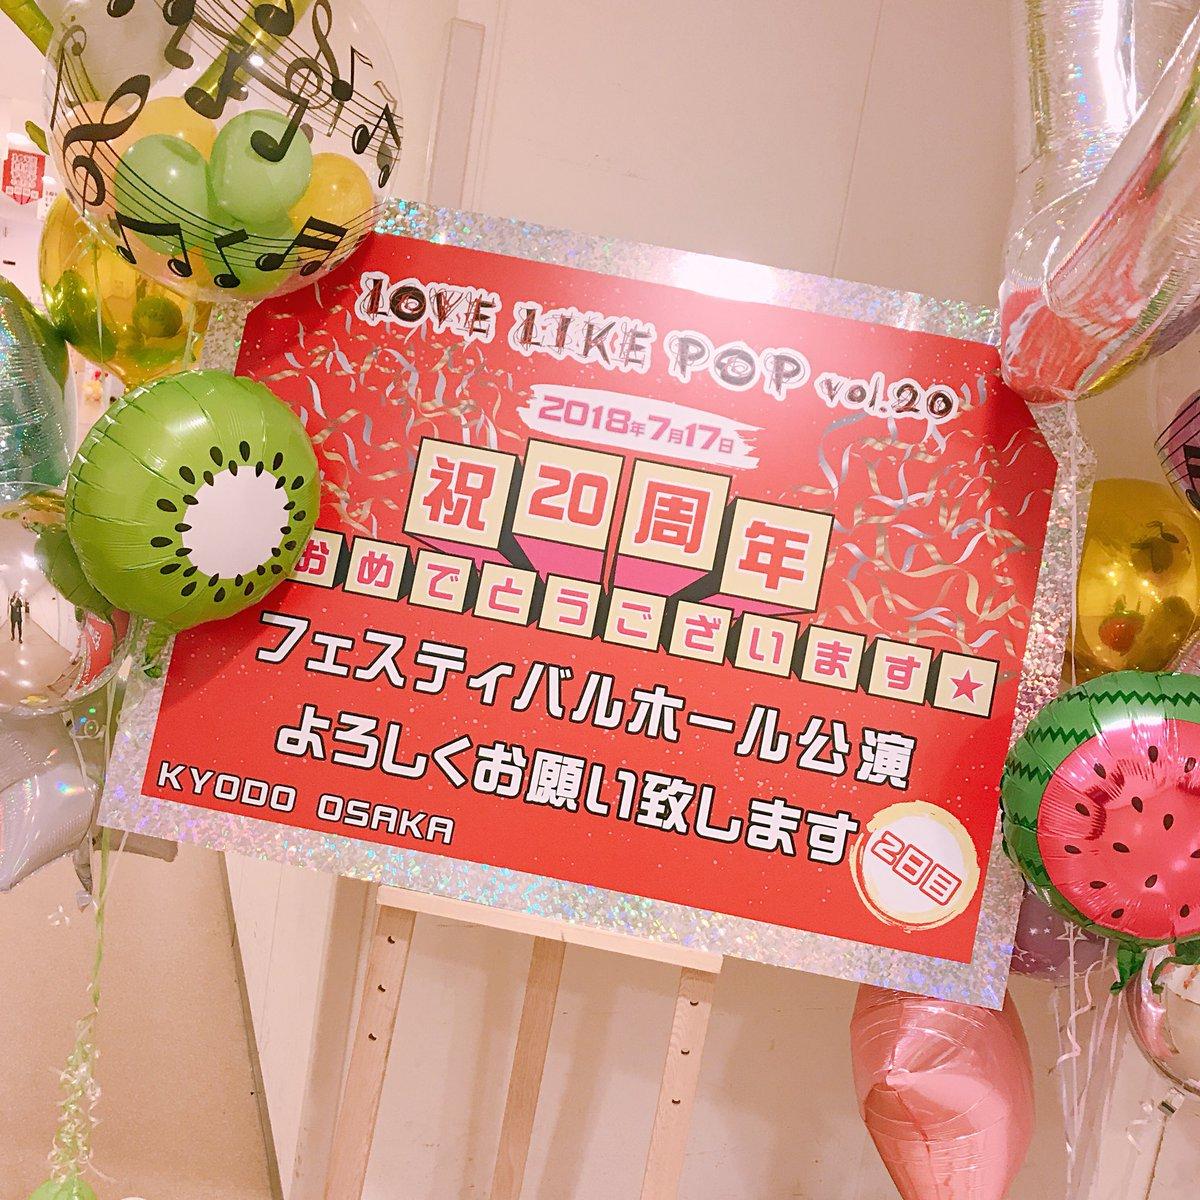 【LLP20レポート11】 大阪公演2日目の本日7月17日はaikoのデビュー記念日です! ファンの皆様のおかげで20周年を迎えることができました。本当にありがとうございます! 21年目一発目のライブもどうぞよろしくお願い致します。by.スタッフ